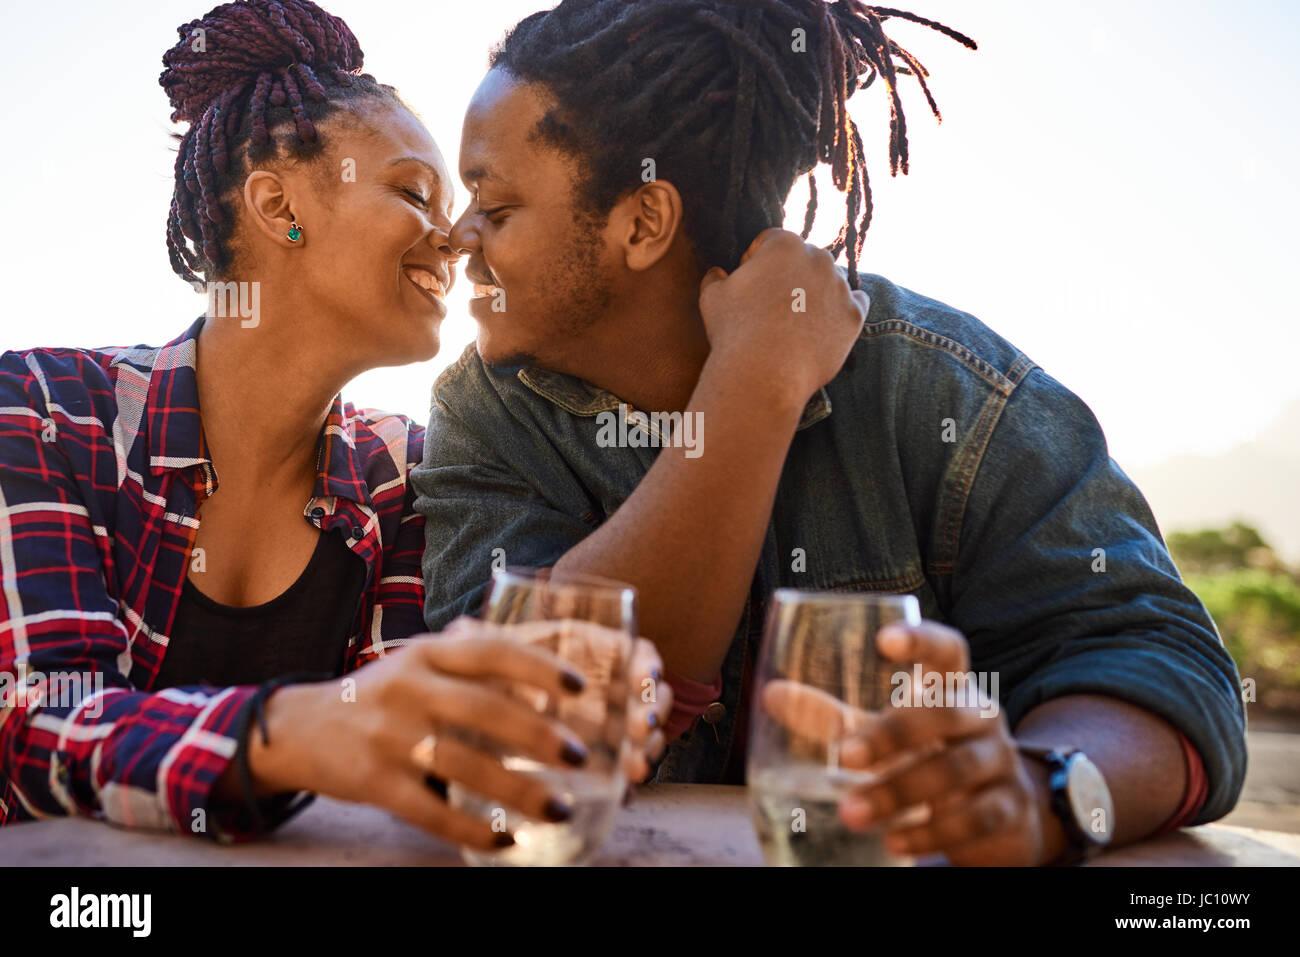 Coppia reale della discesa africana circa a baciare mentre abbracciando Foto Stock